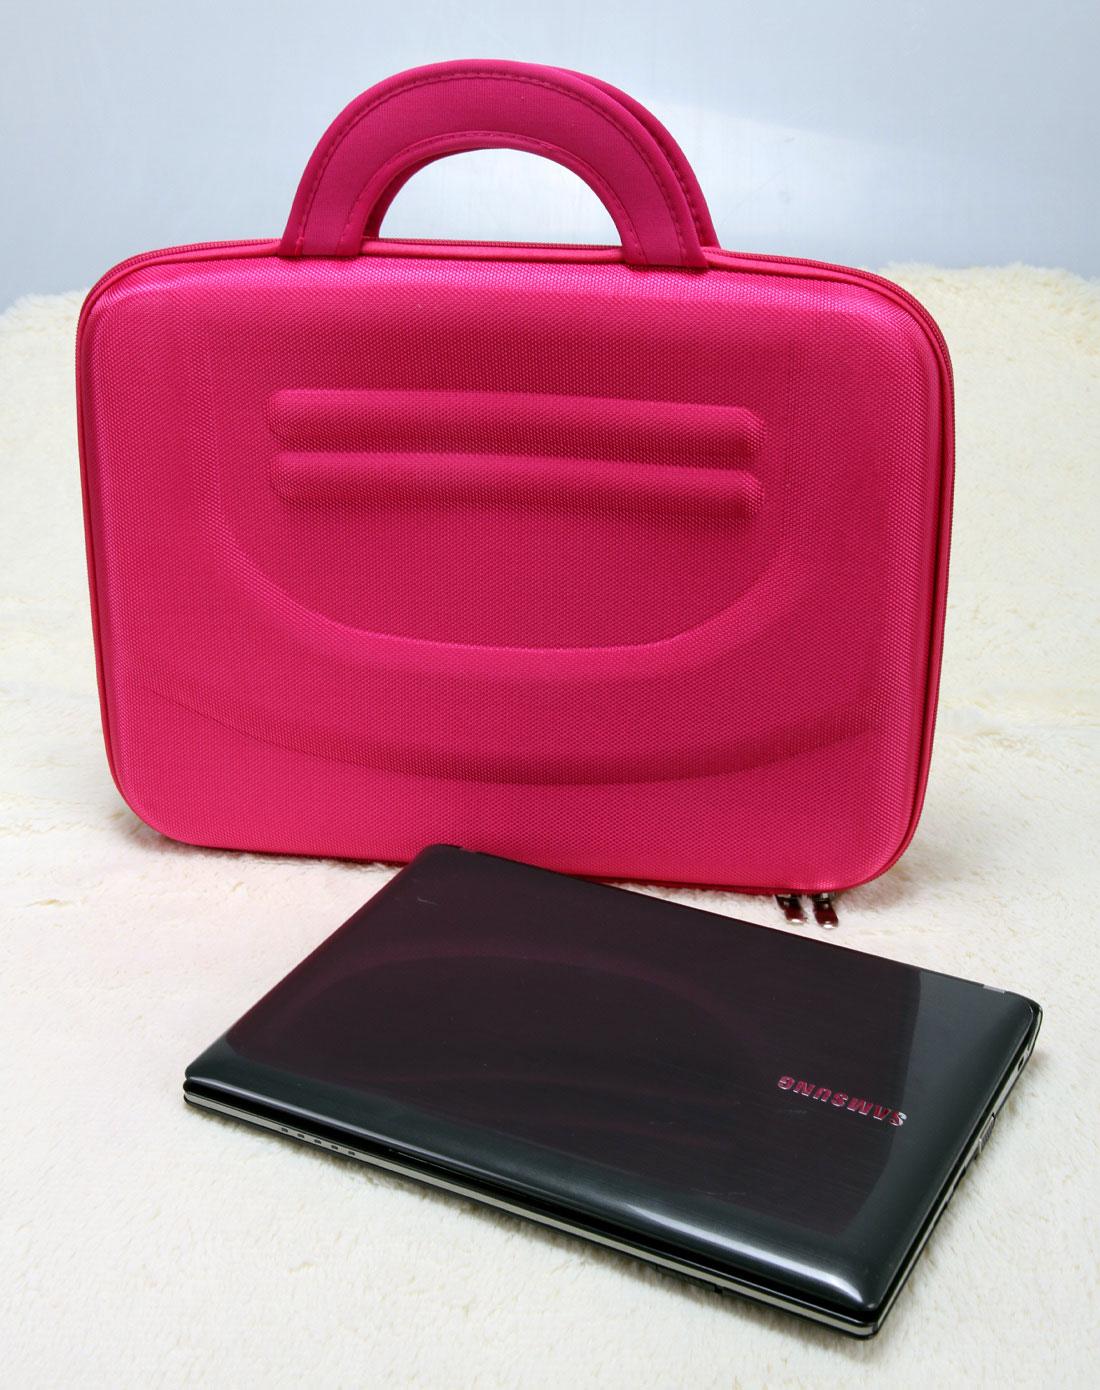 > 玫红色仿皮14寸笔记本电脑手提包